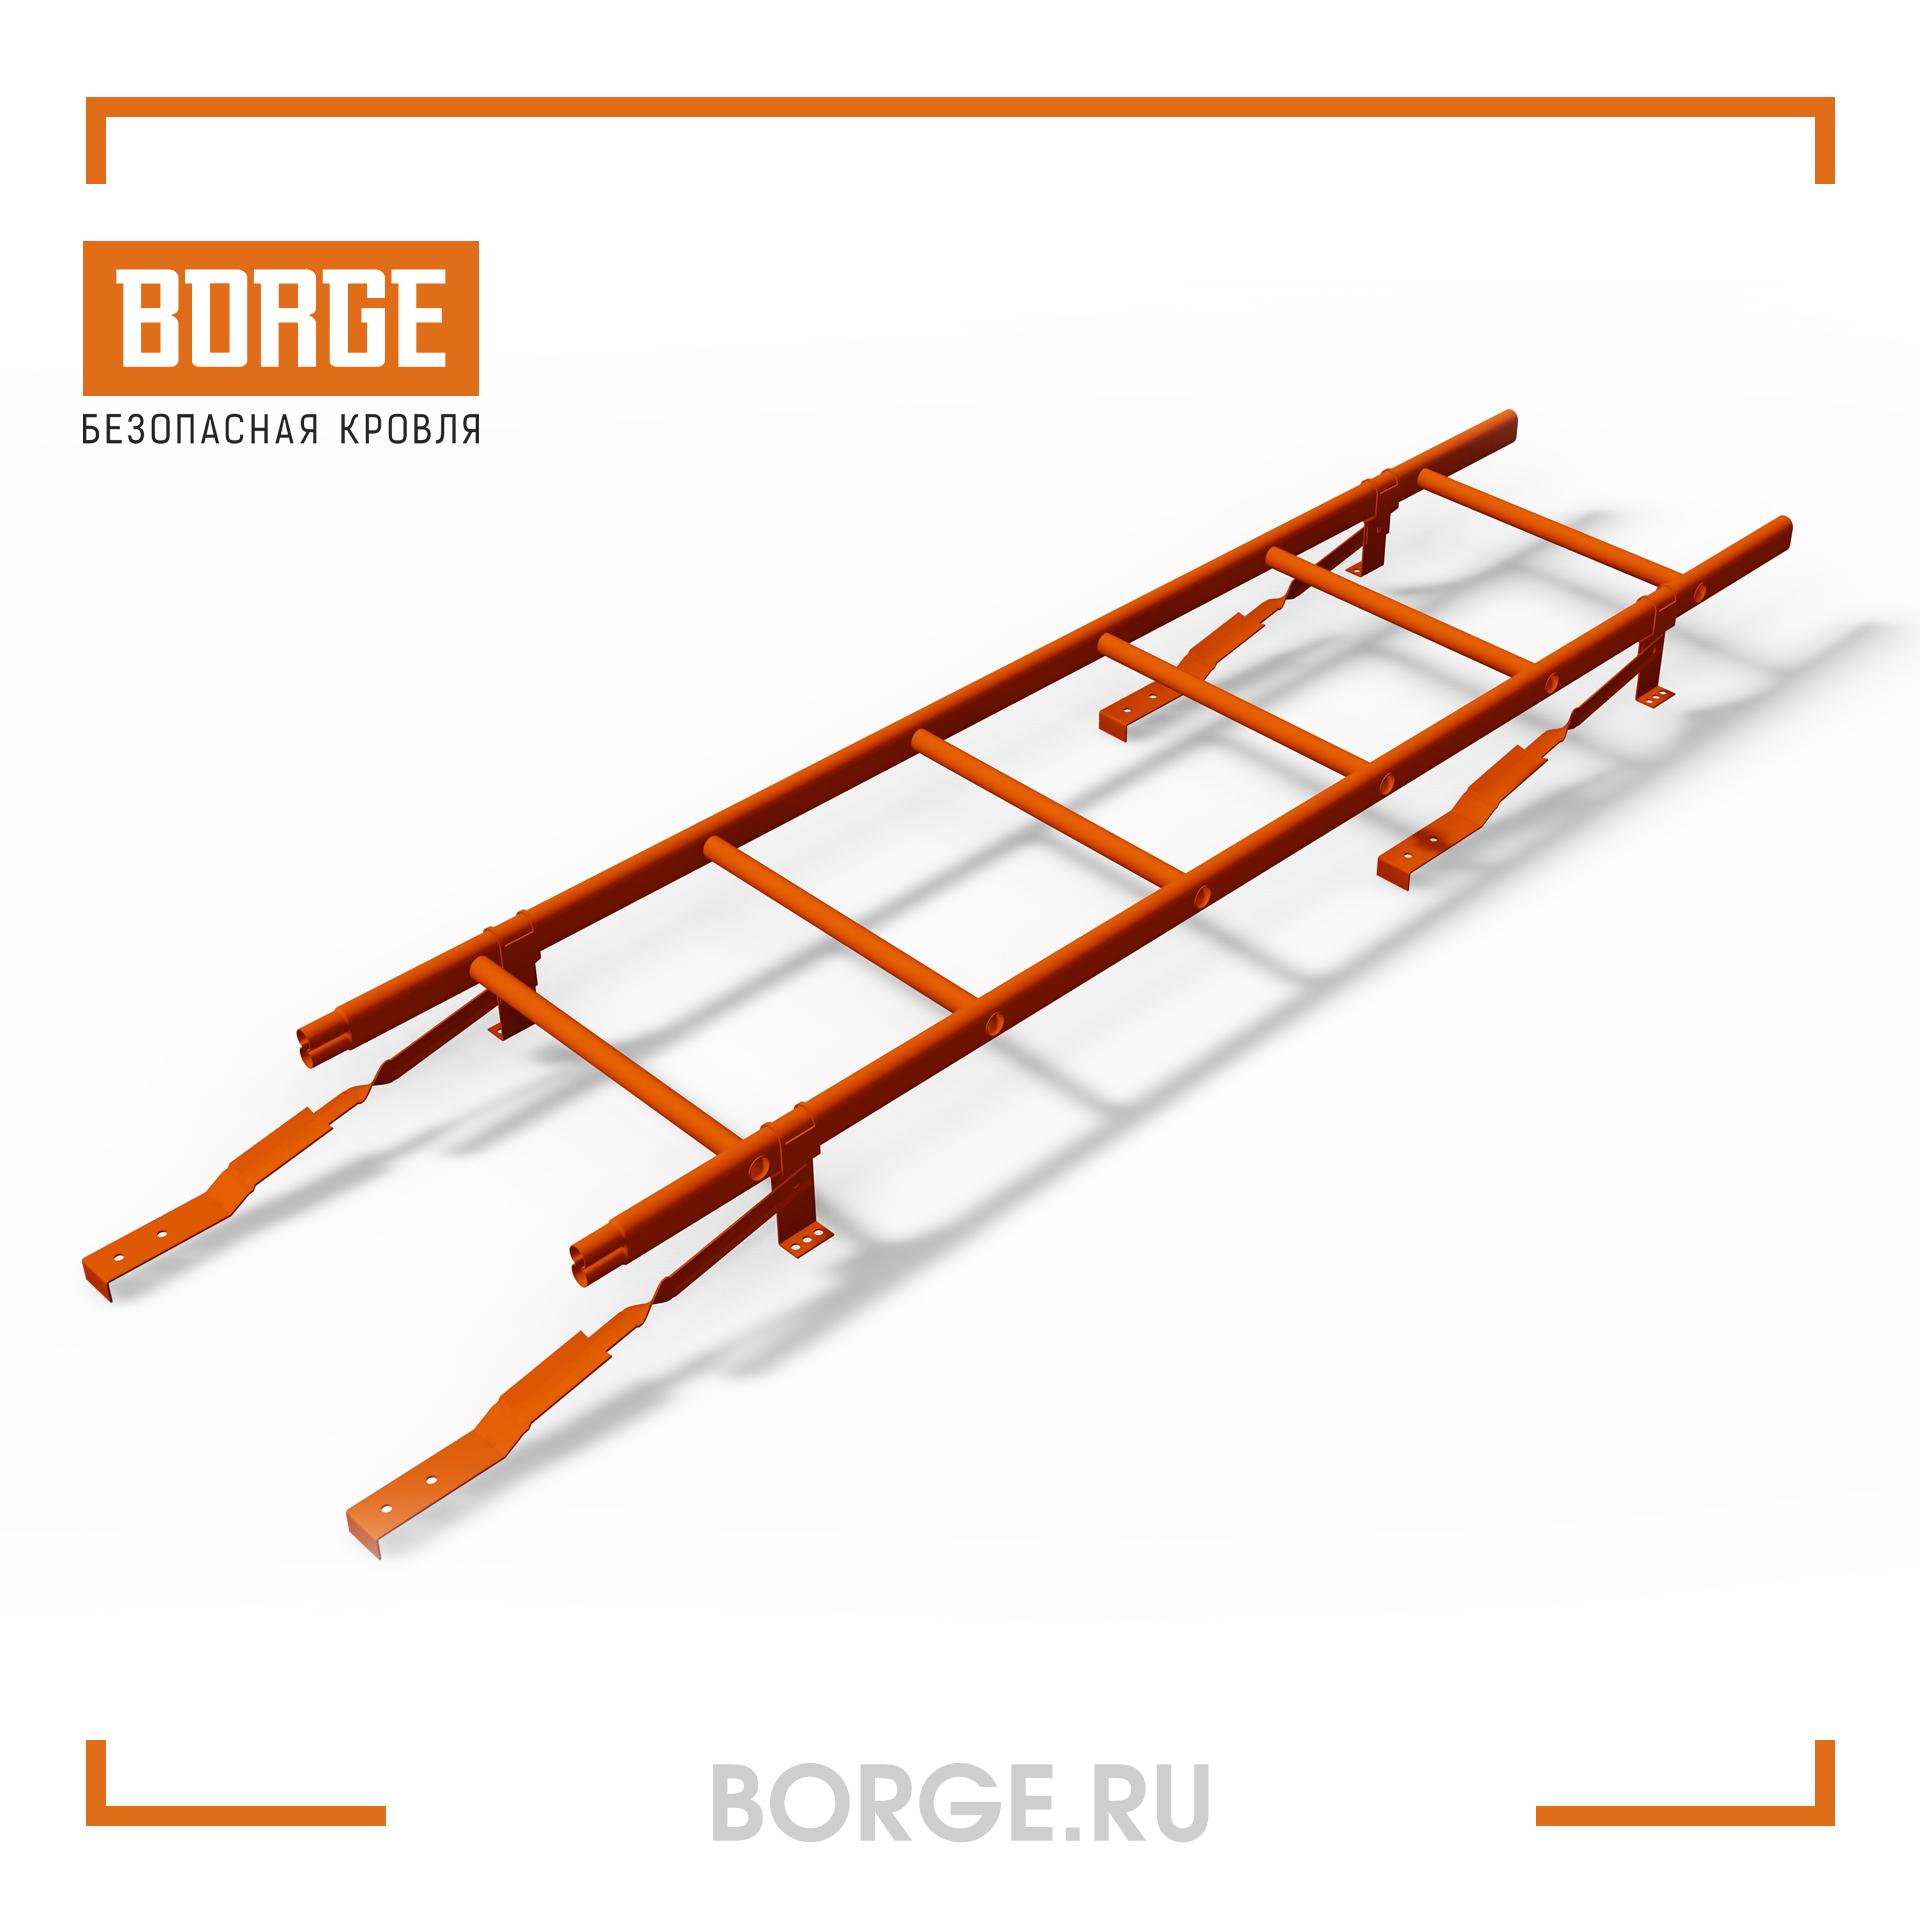 Кровельная лестница BORGE для черепичной кровли